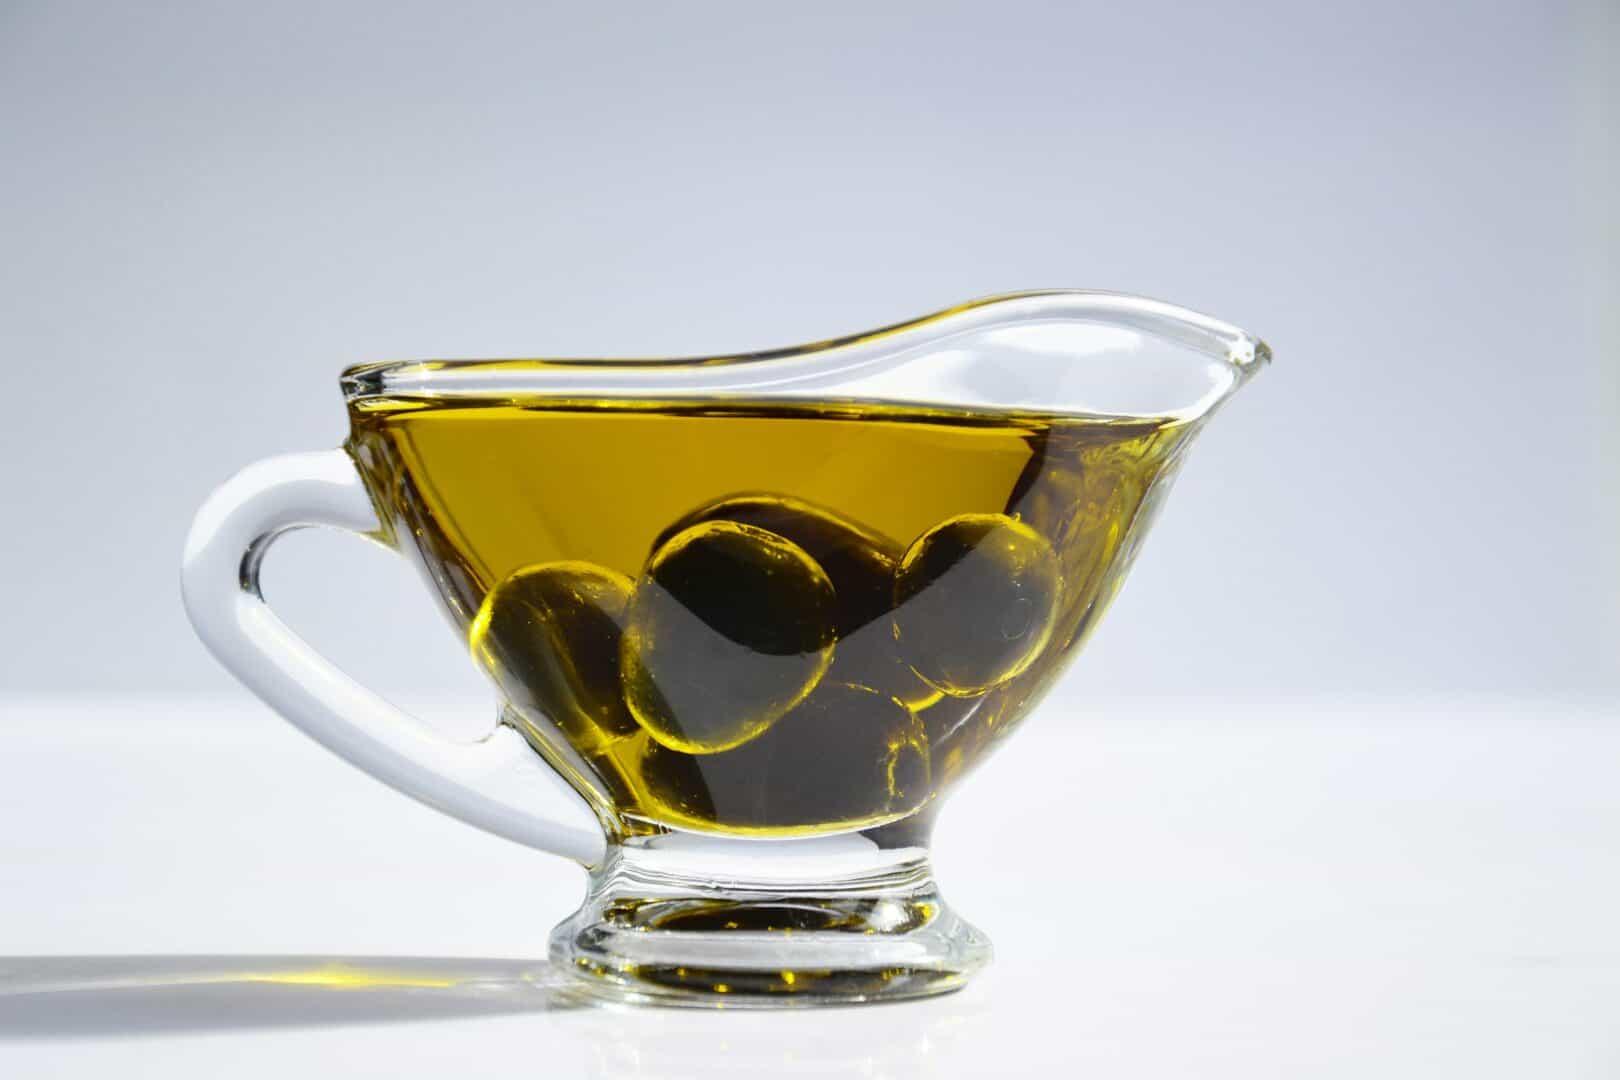 Langes und gesundes Leben dank hochwertiger Öle